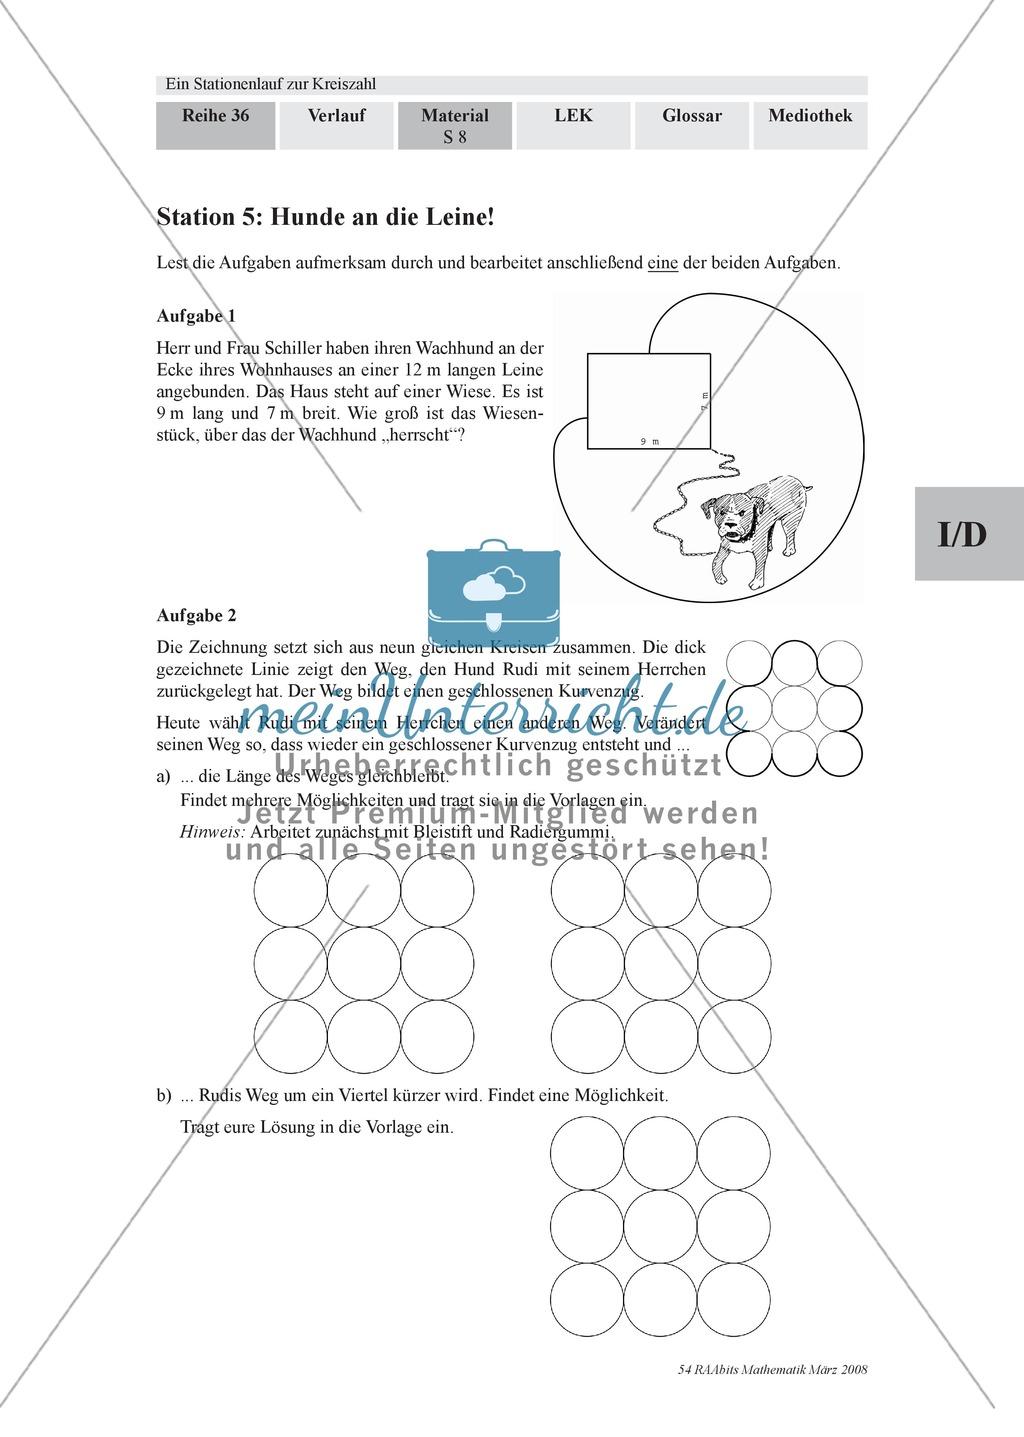 Stationenlernen zur Kreiszahl Pi - meinUnterricht